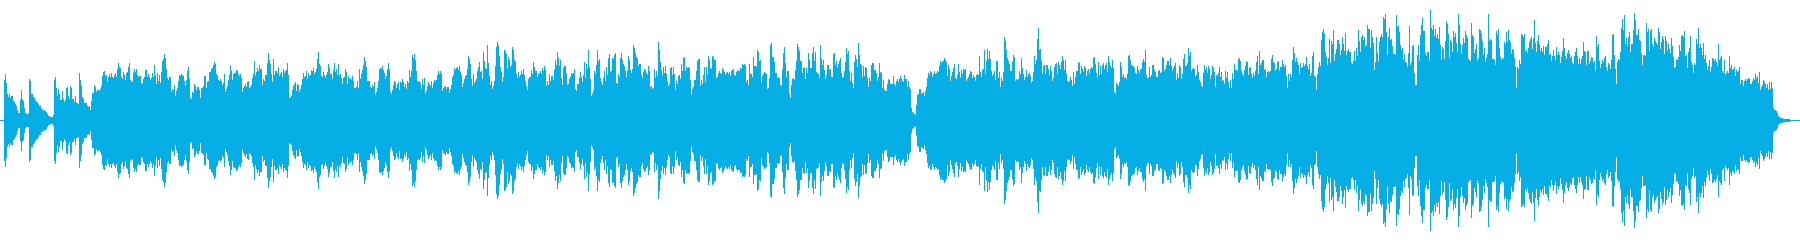 アウトドア・キャンプ・落ち着いた映像にの再生済みの波形